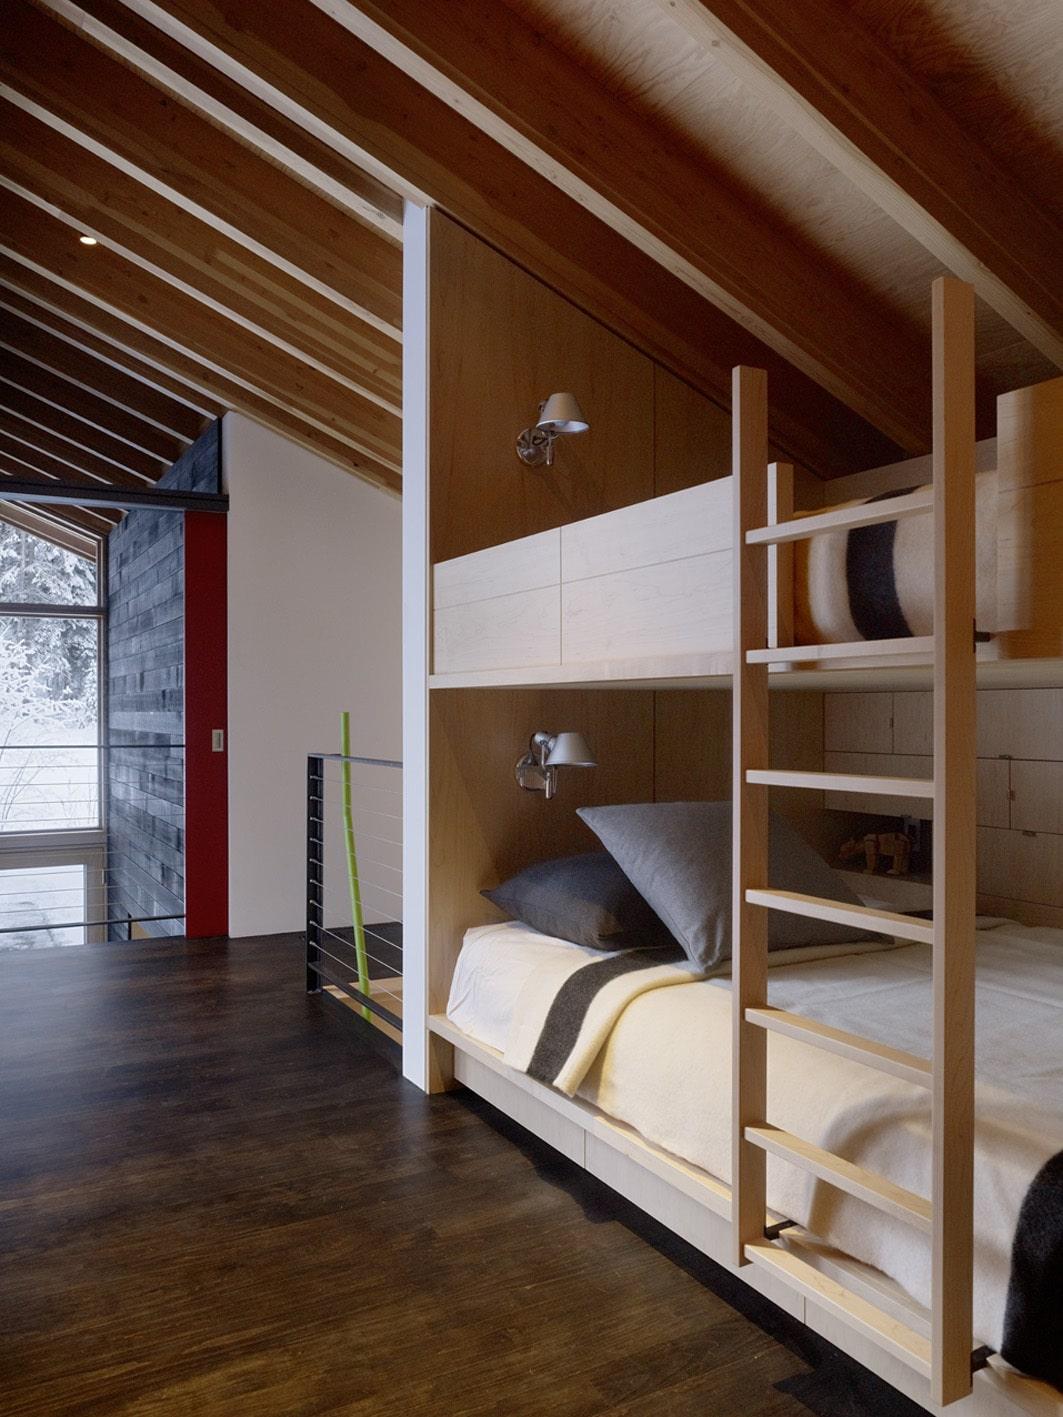 Dise o de casa dividida en dos partes planos e interiores for Diseno de hogar